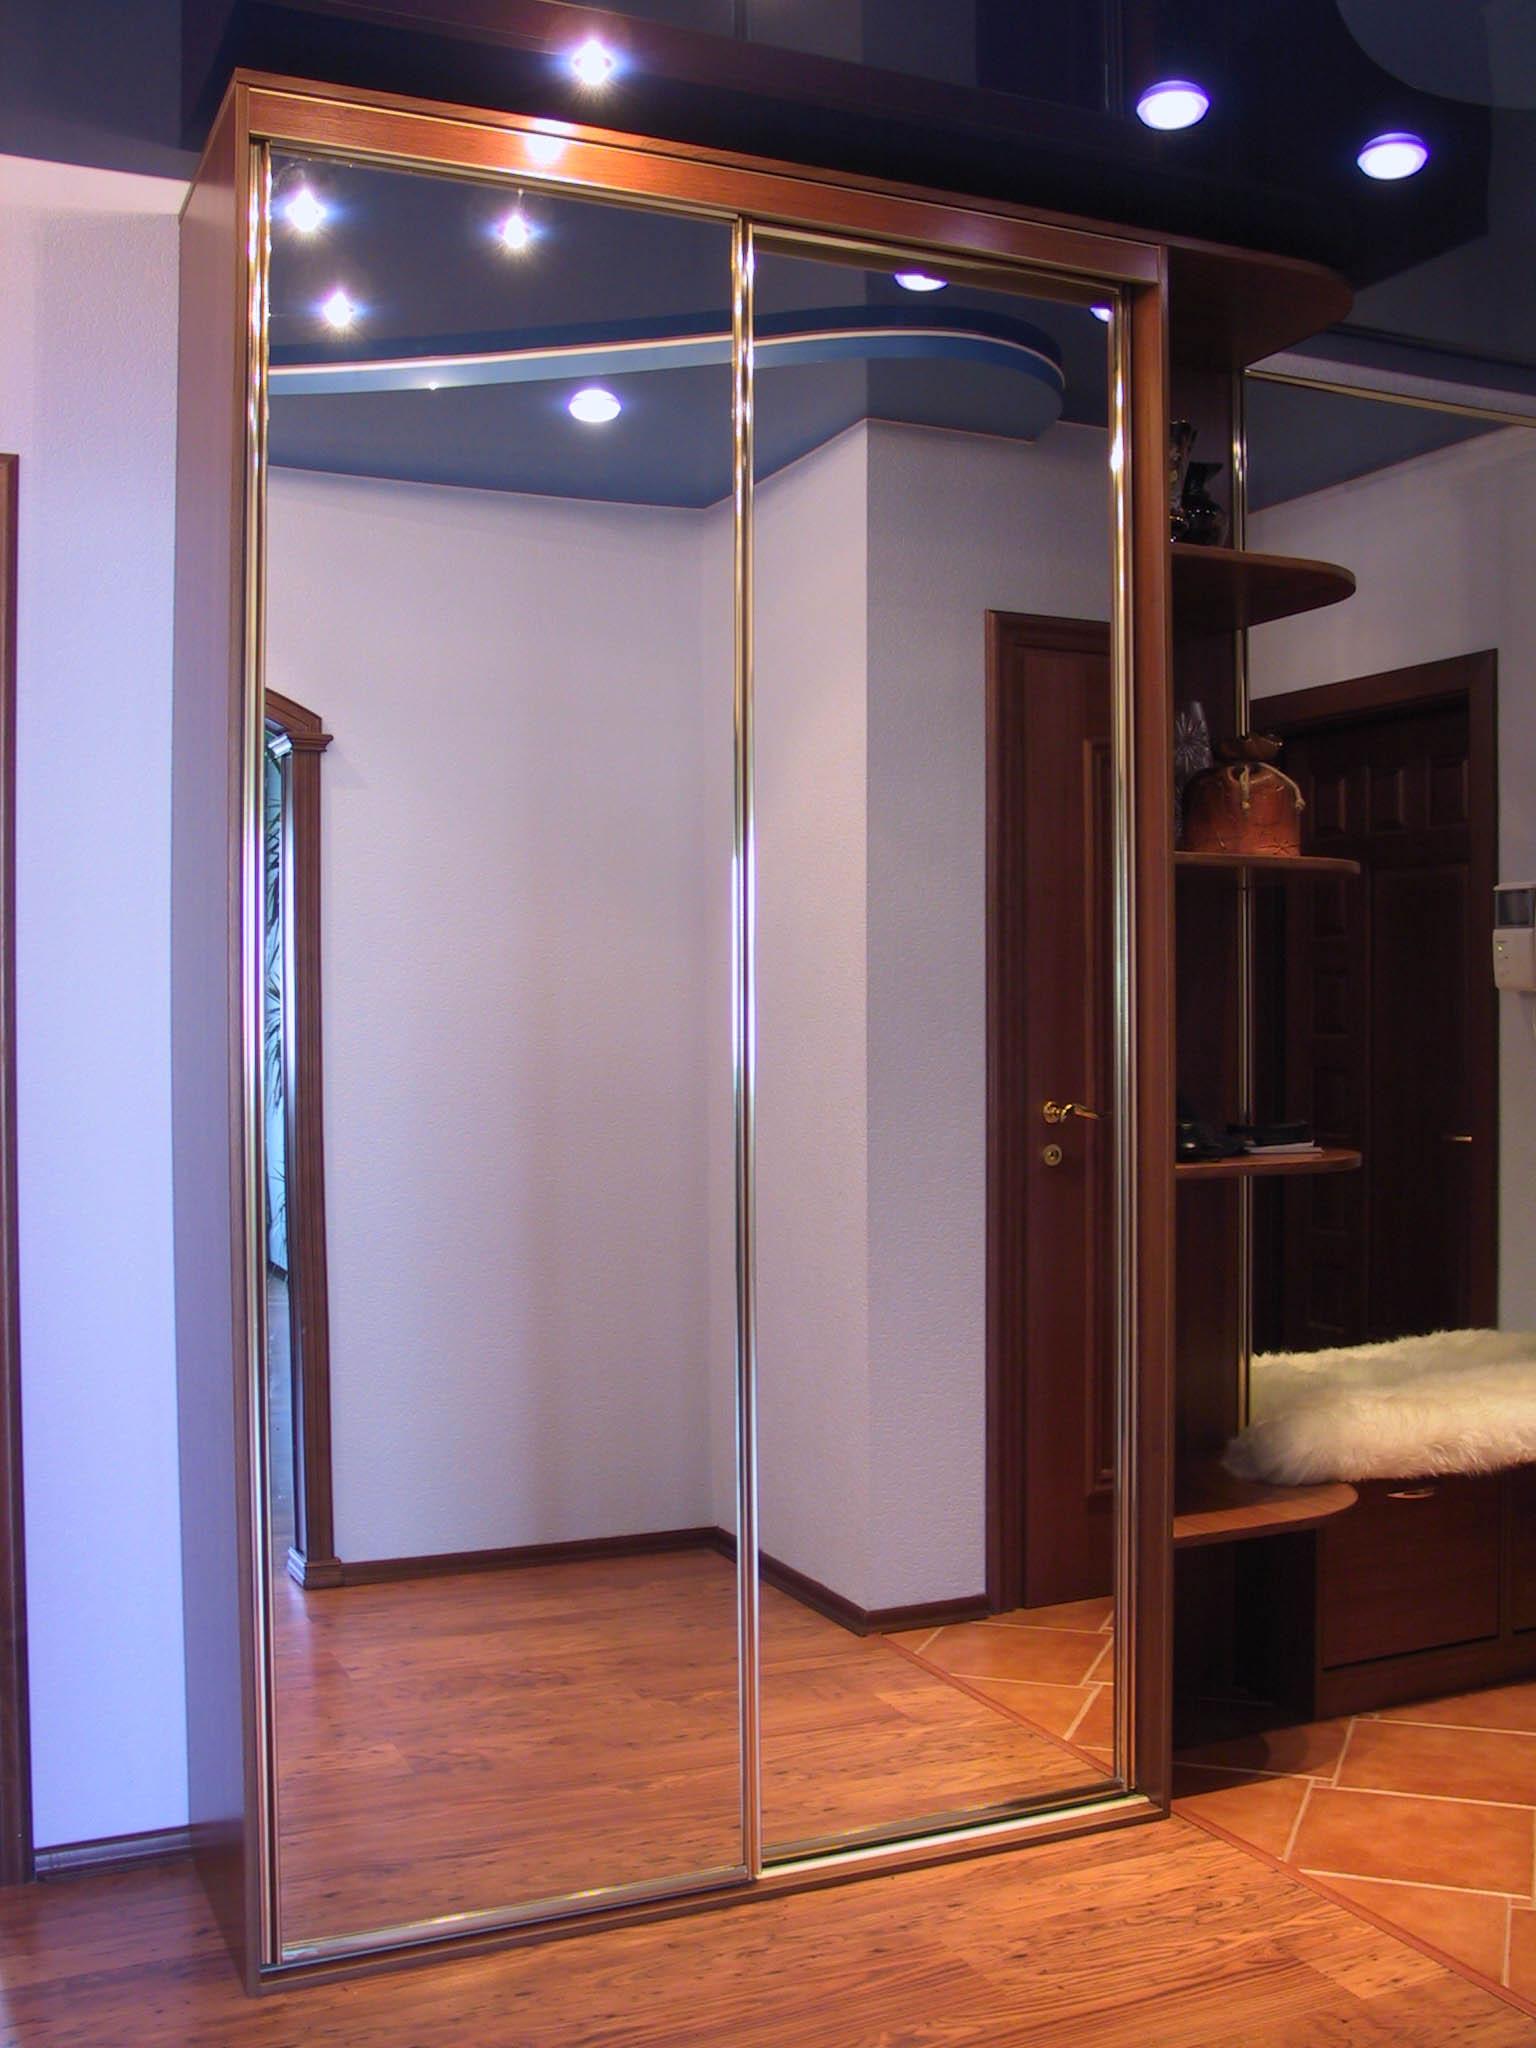 Купить двери купе для шкафов зеркальные недорого в киеве.